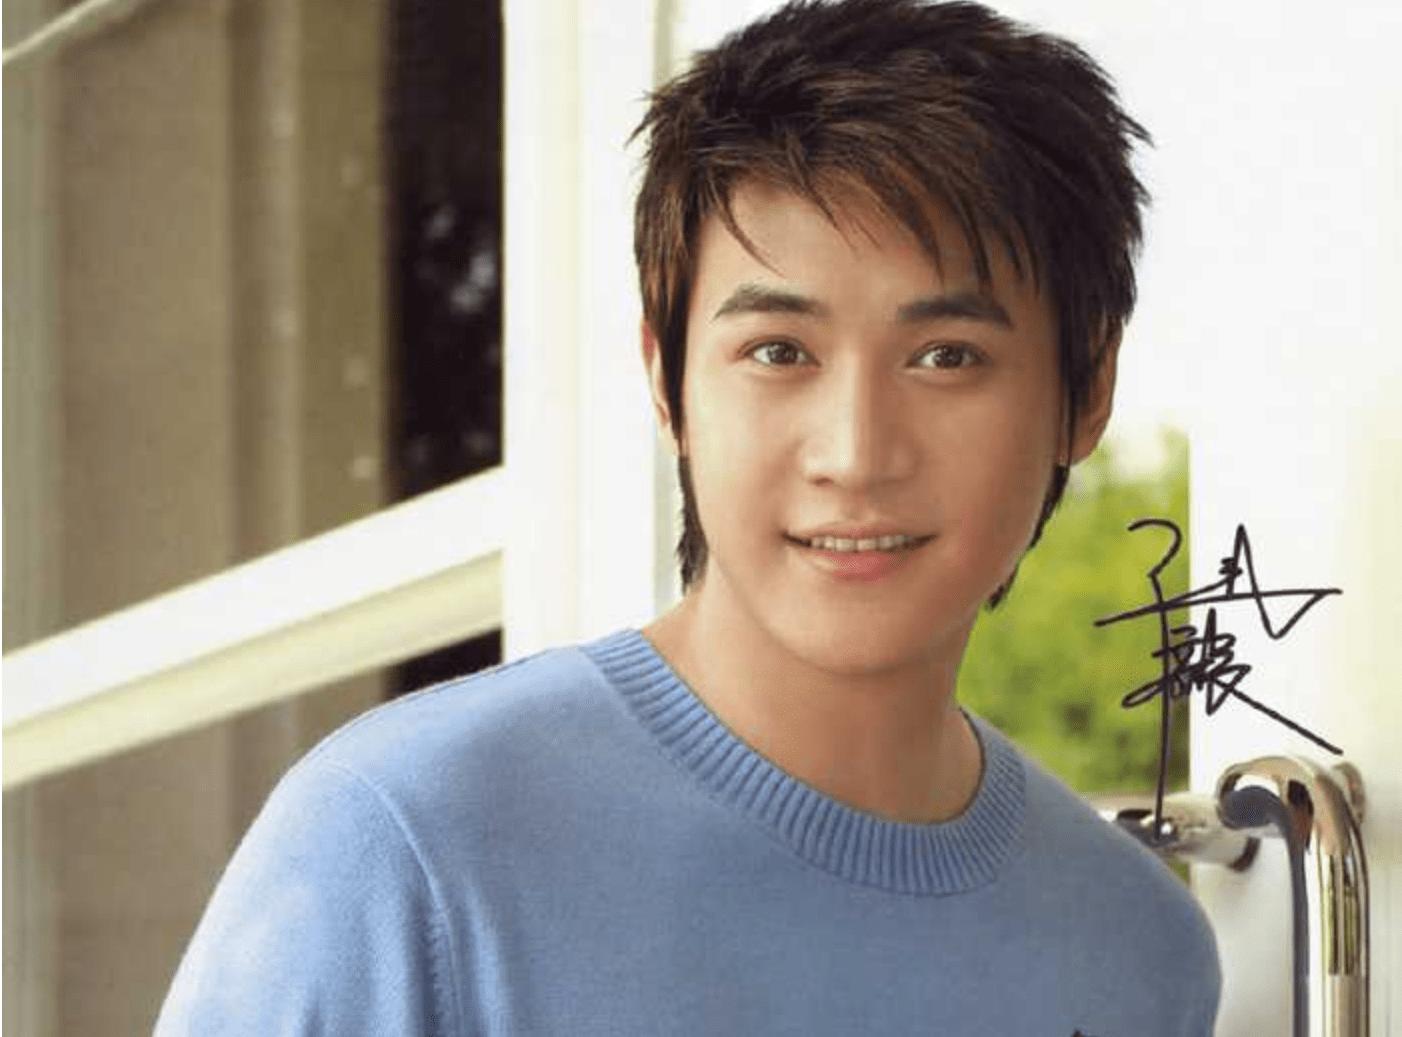 如果艺鹭接手2003年张纪中版的杨康 他会超越周杰成为经典角色吗